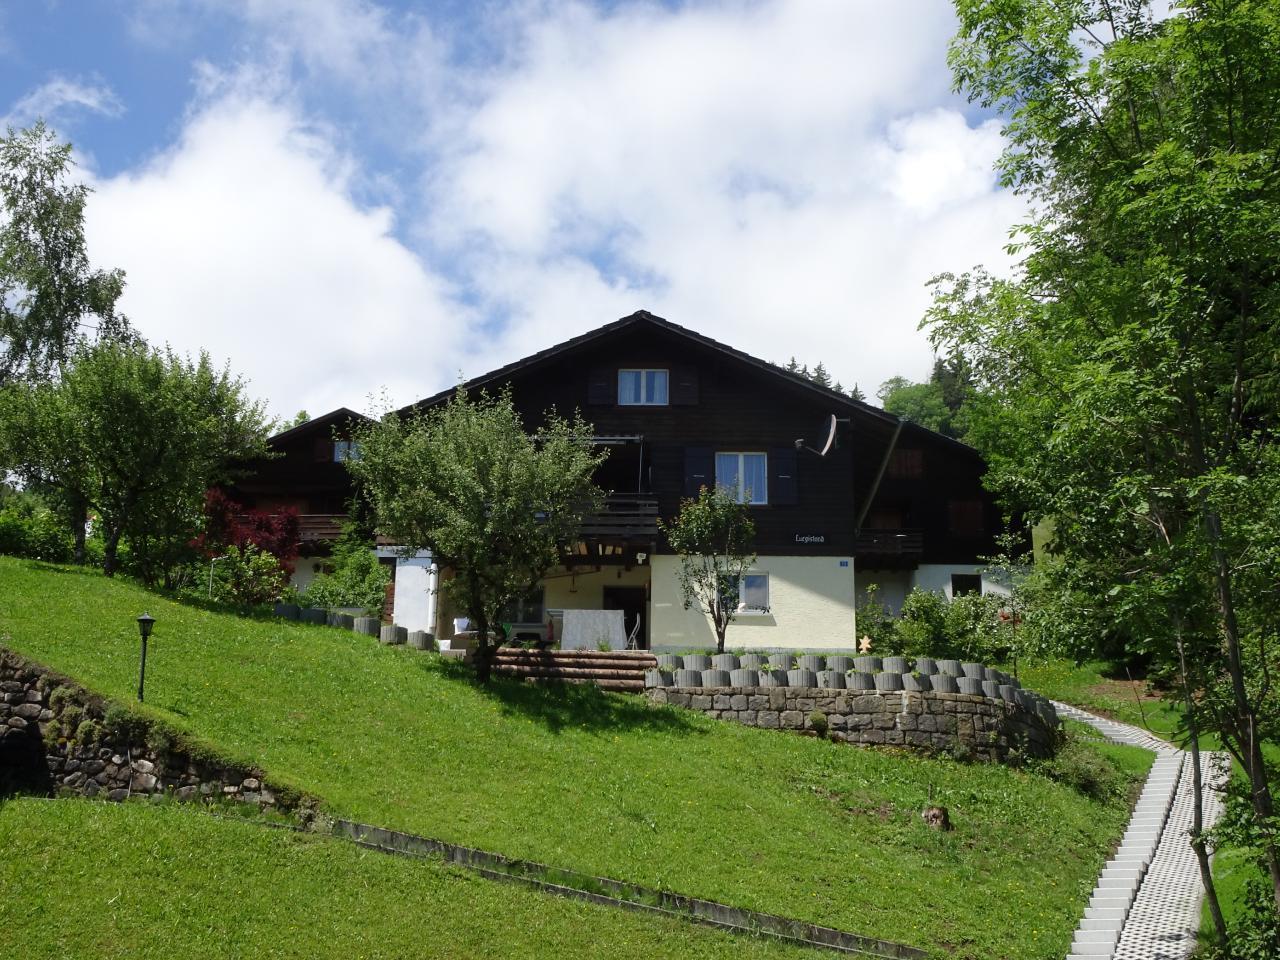 Ferienhaus Luegisland